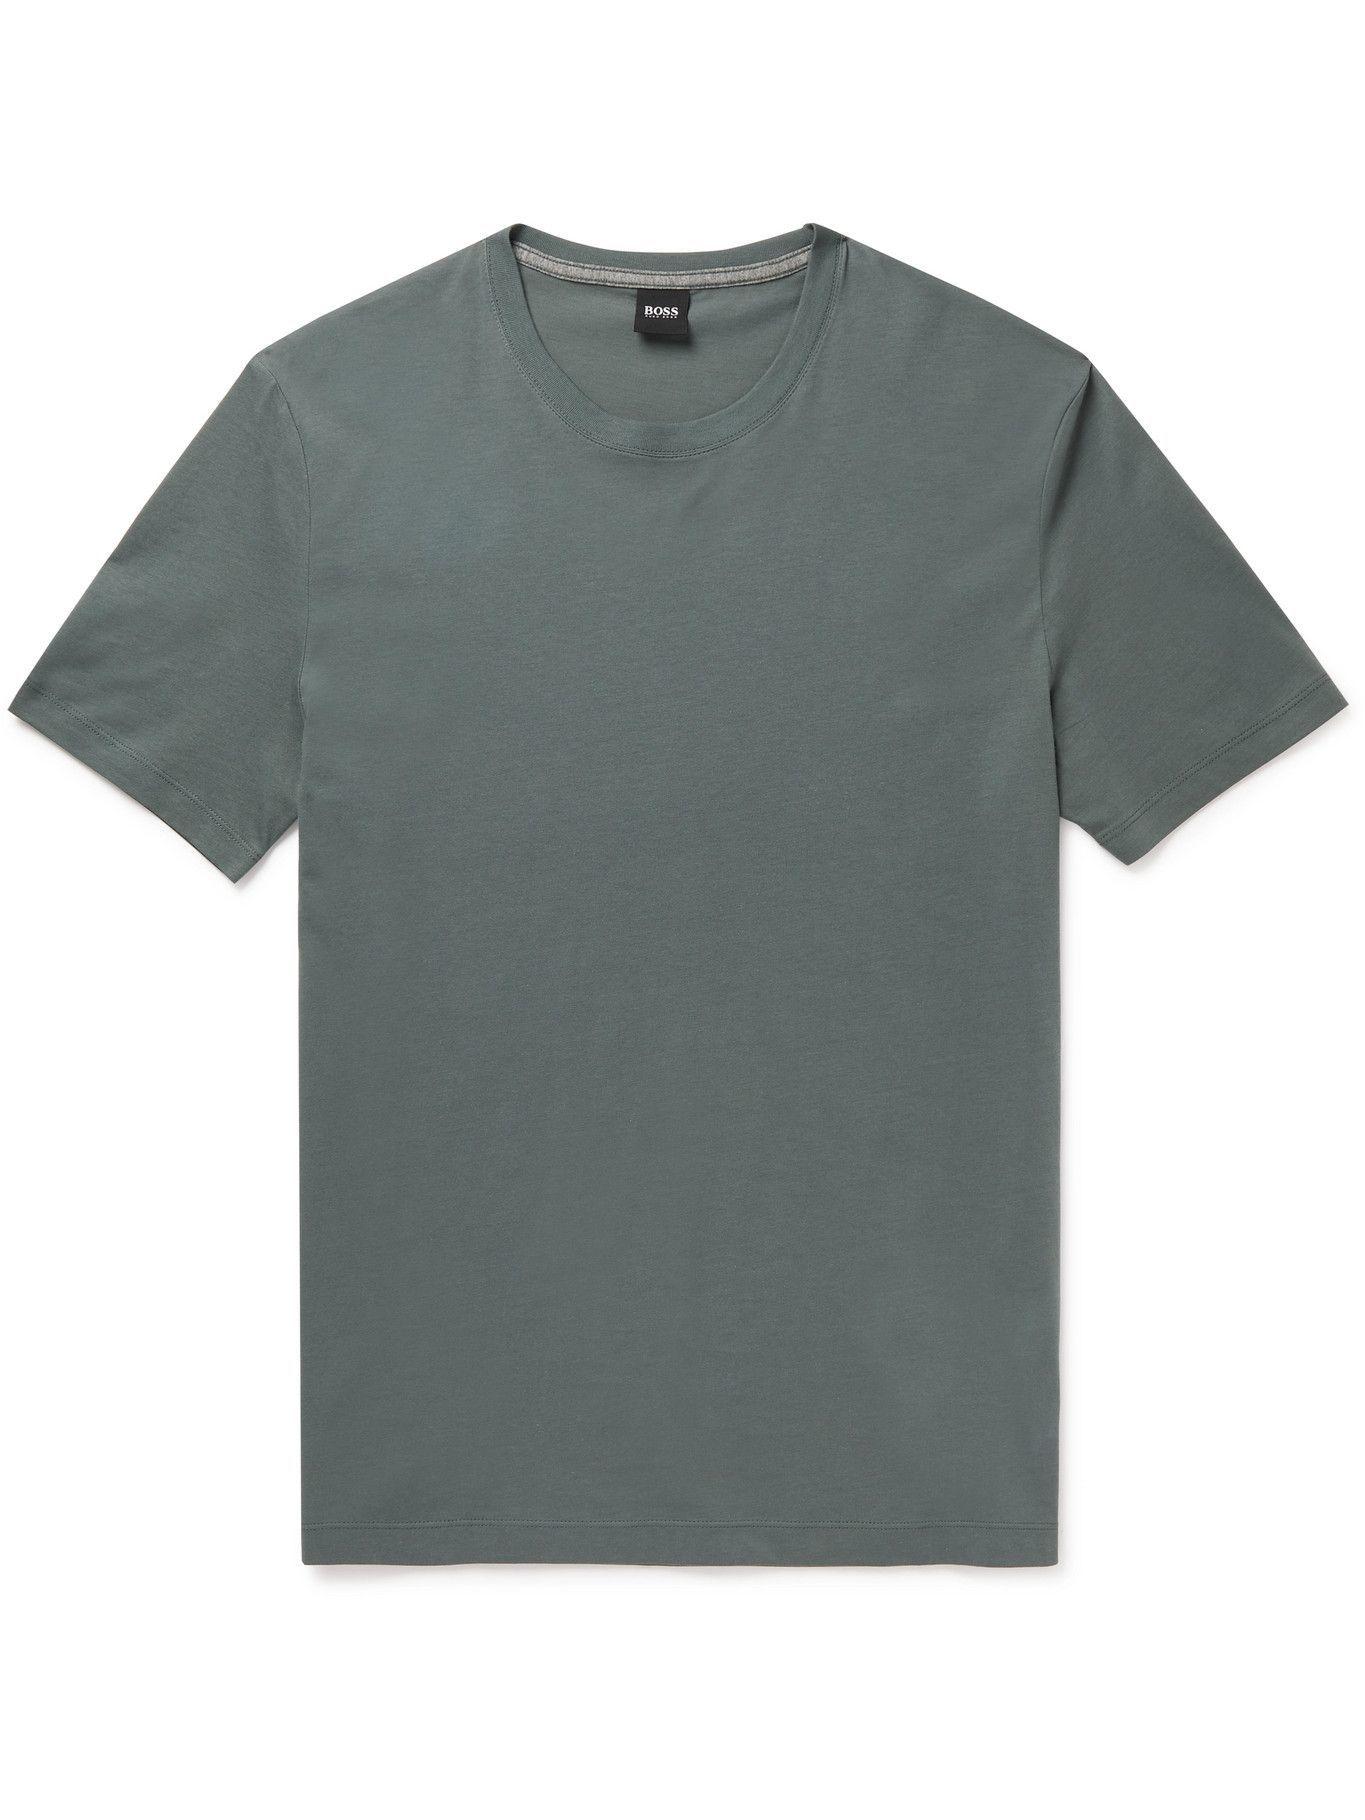 HUGO BOSS - Slim-Fit Cotton-Jersey T-Shirt - Green